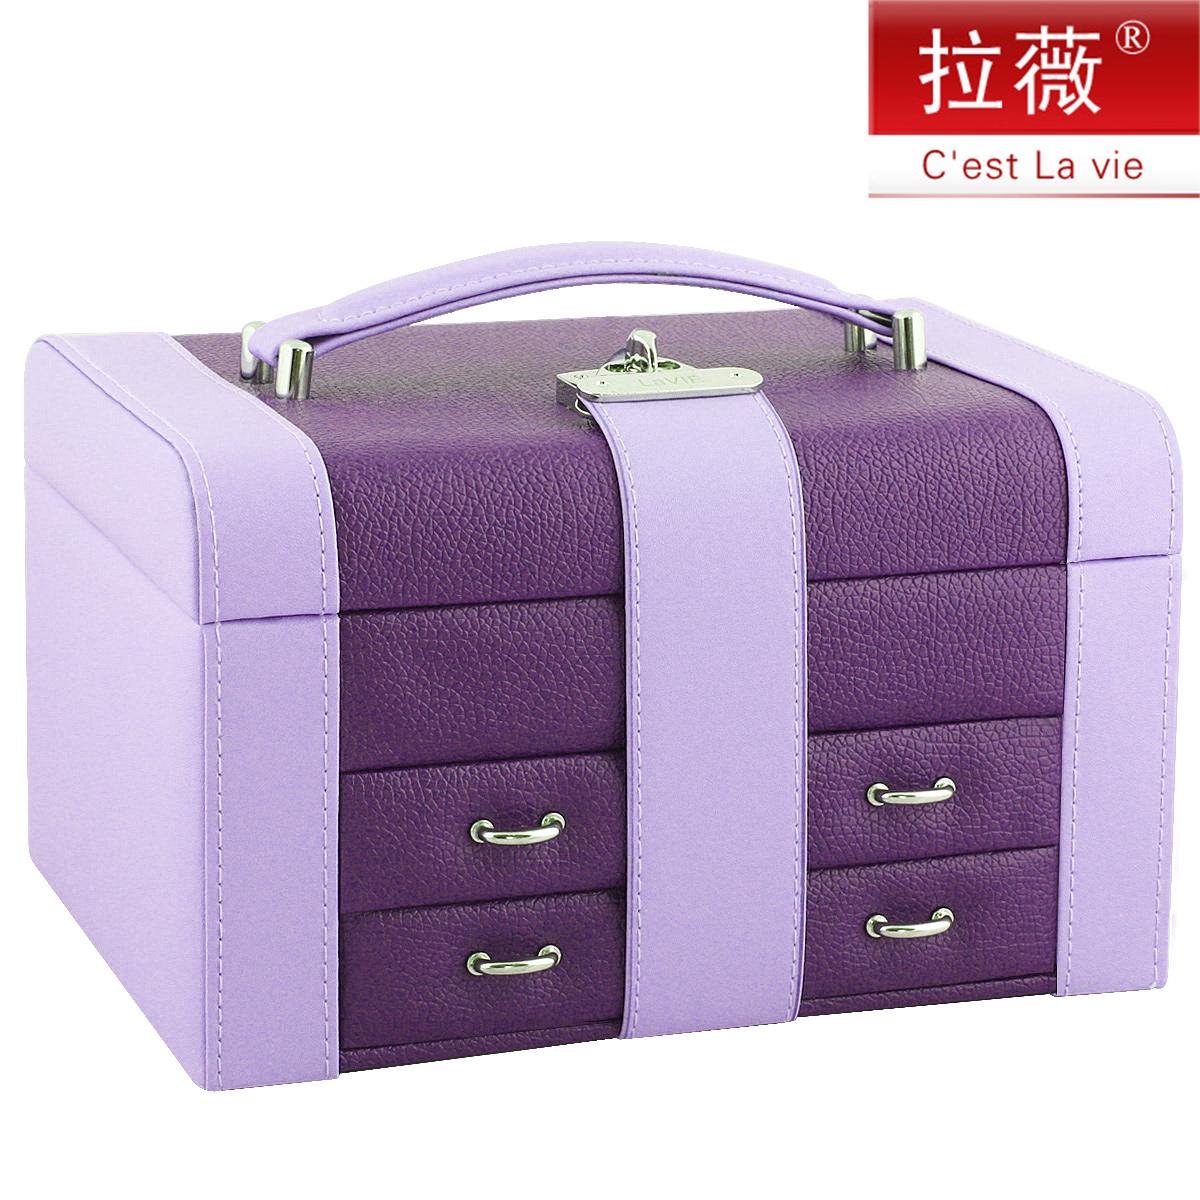 化�y盒 �品盒珠��箱首�盒 大小�p拼 �W式公主首�收�{盒